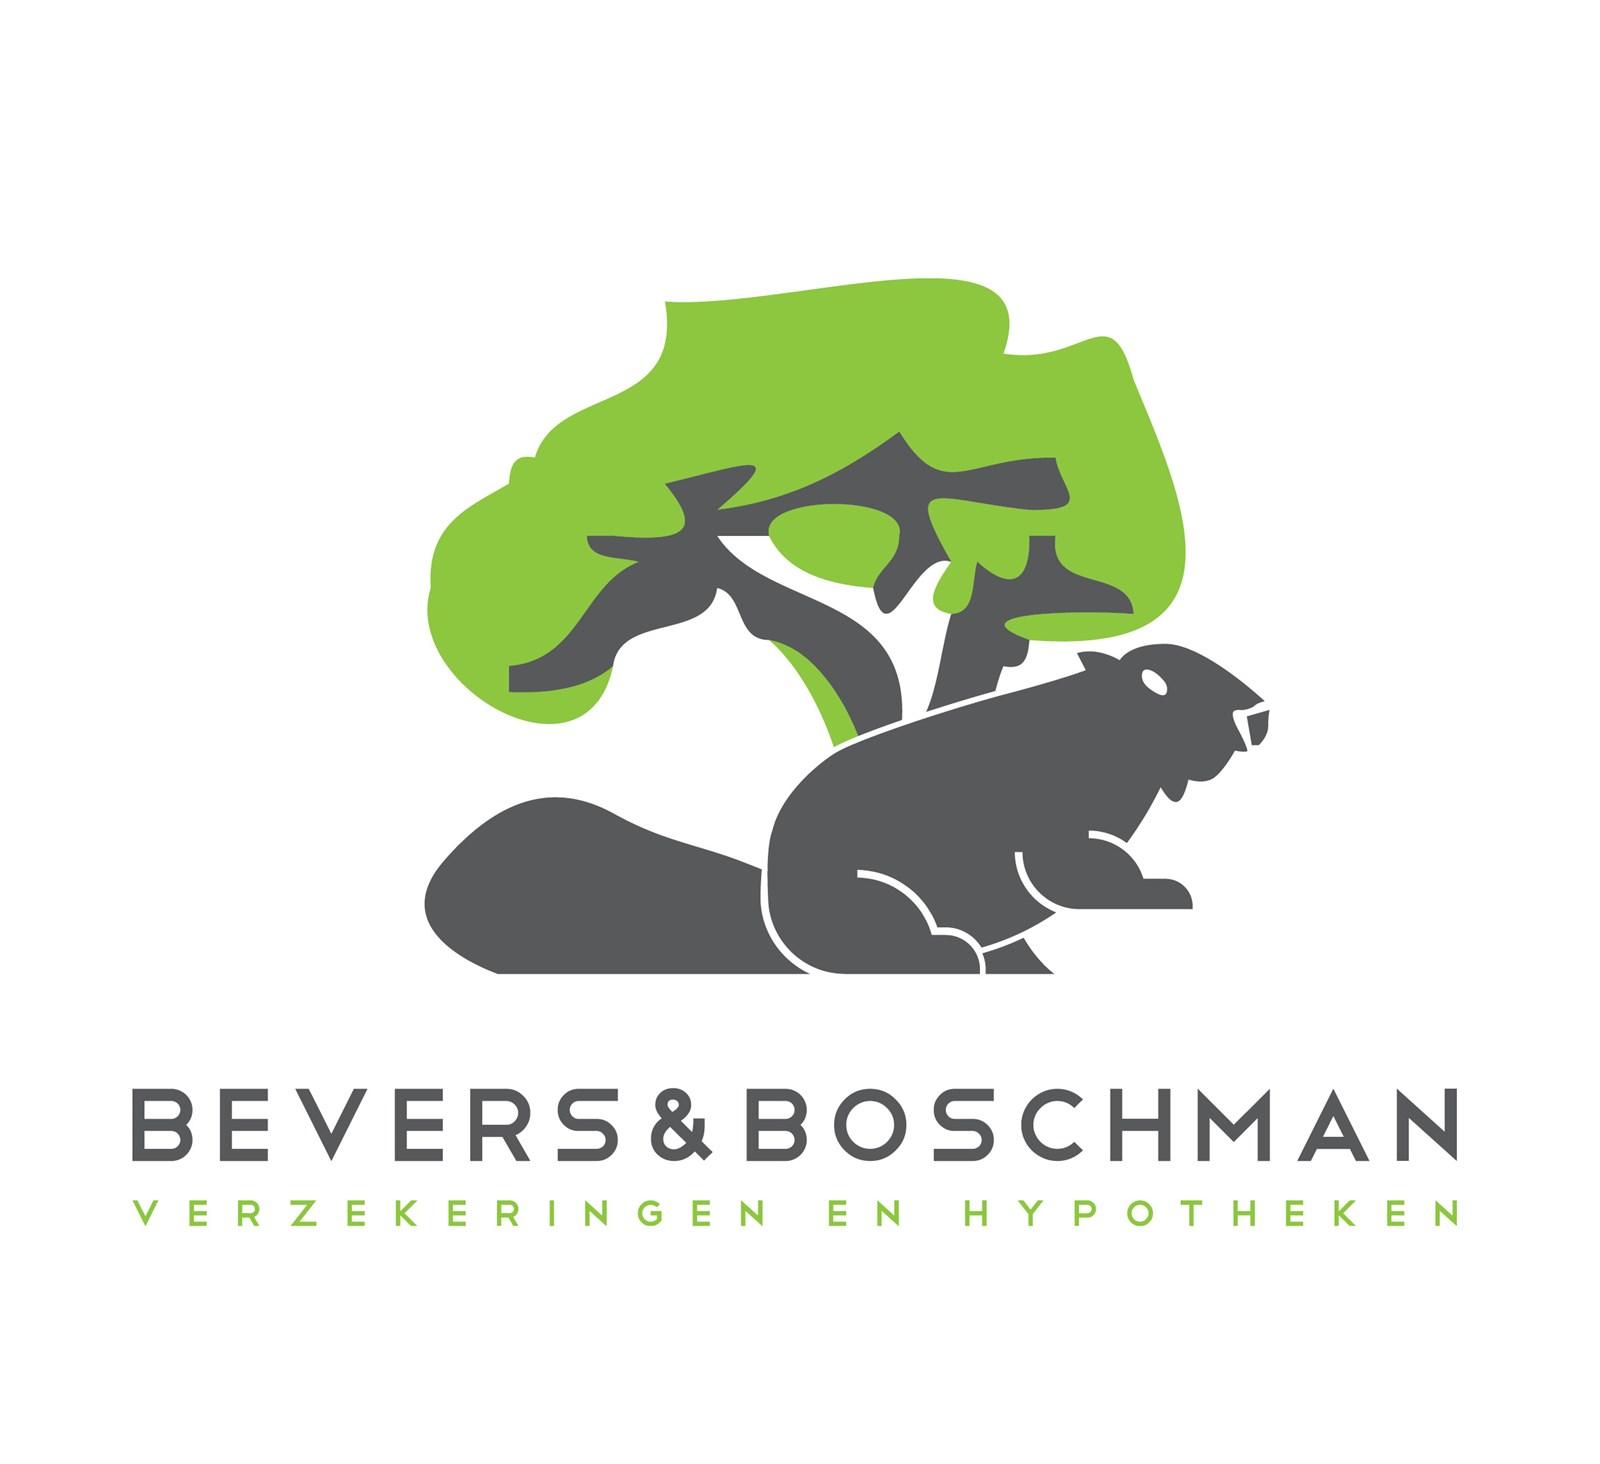 Logo van Bevers & Boschman